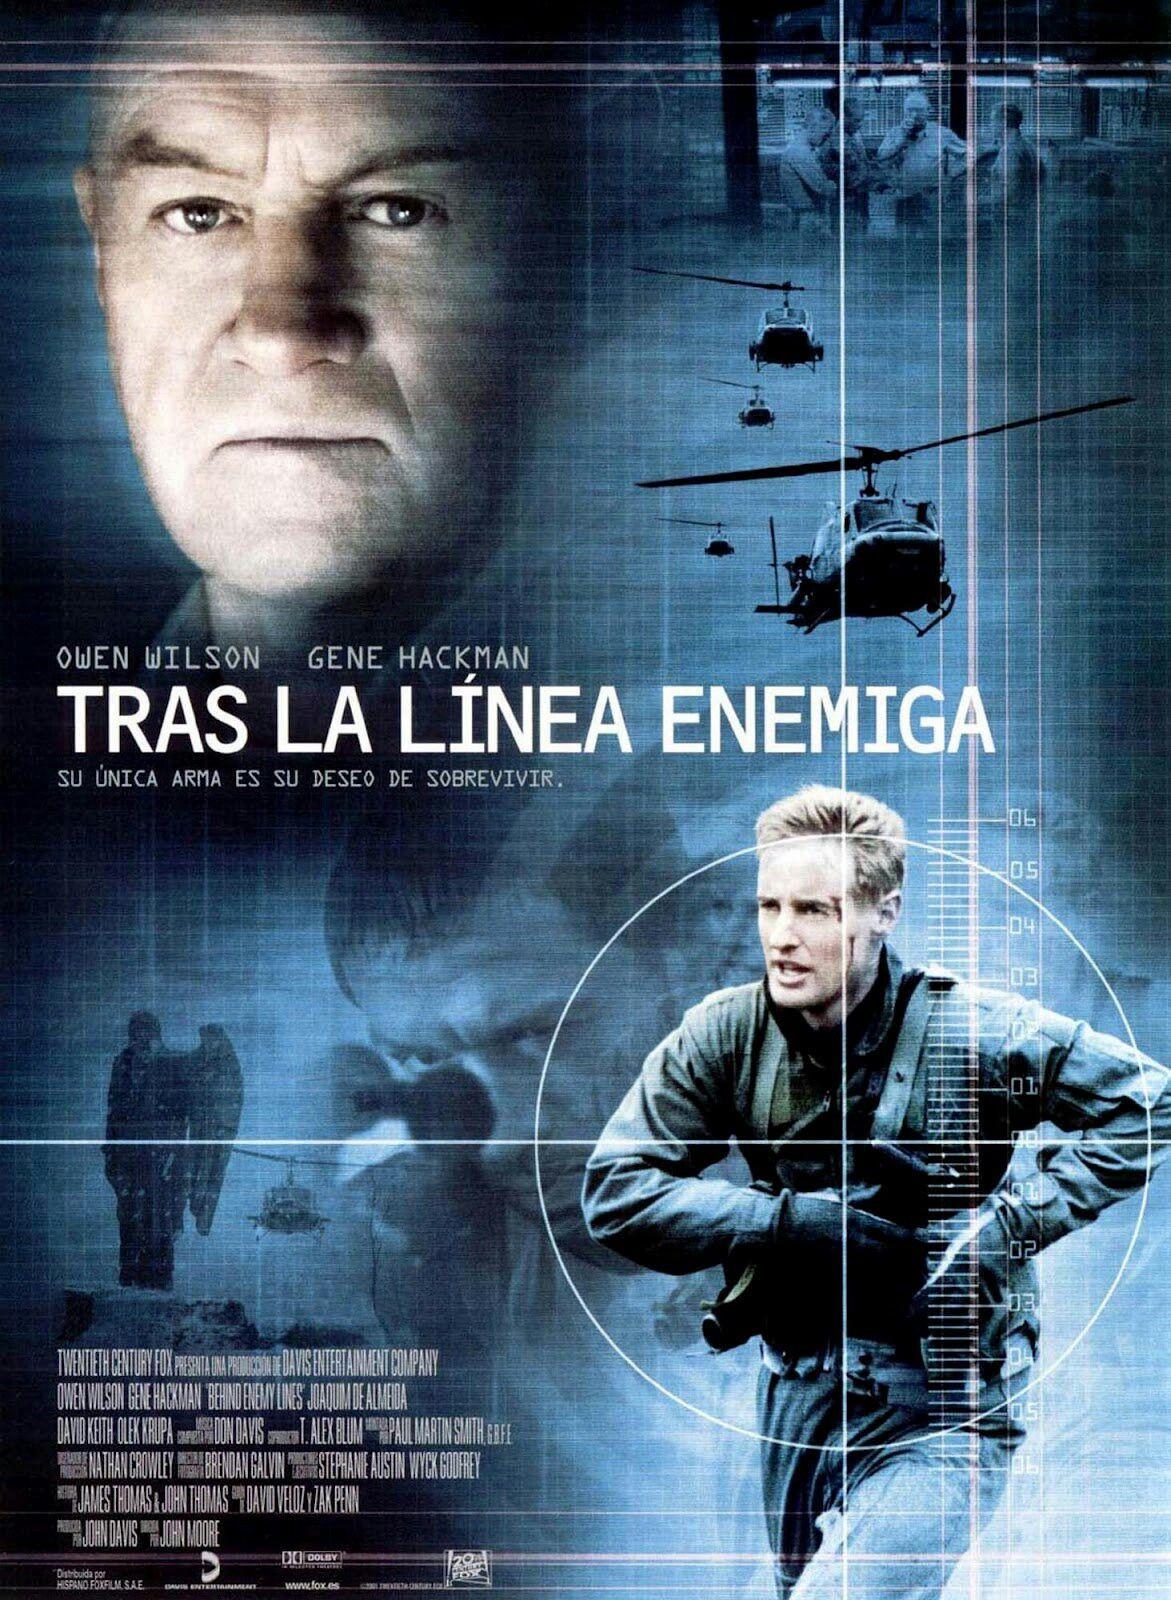 Tras La Linea Enemiga 2001 Action Movie Poster 2001 Movie Poster Owen Wilson